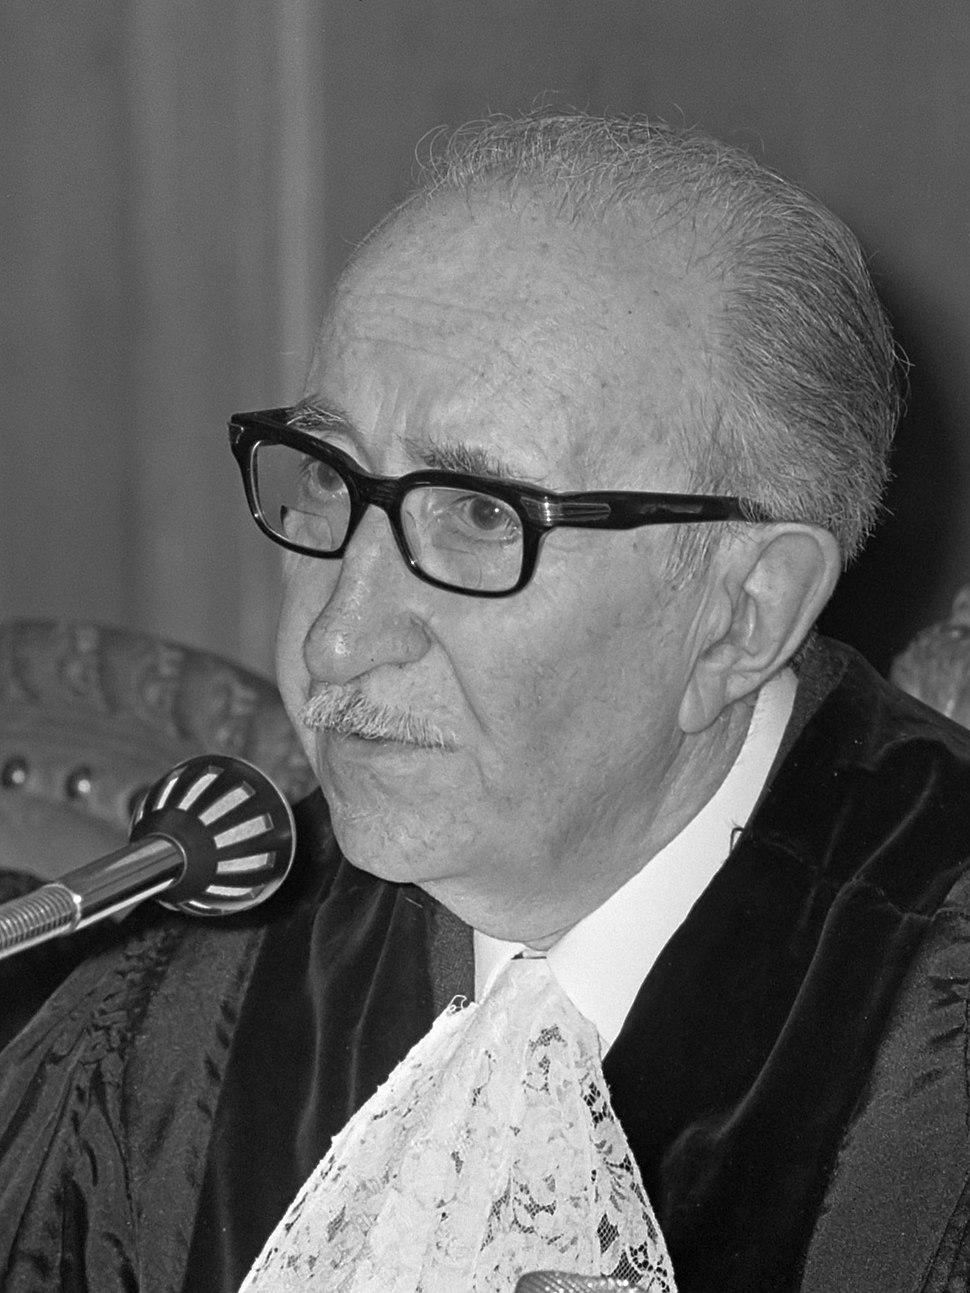 Jos%C3%A9 Luis Bustamante y Rivero (1968)